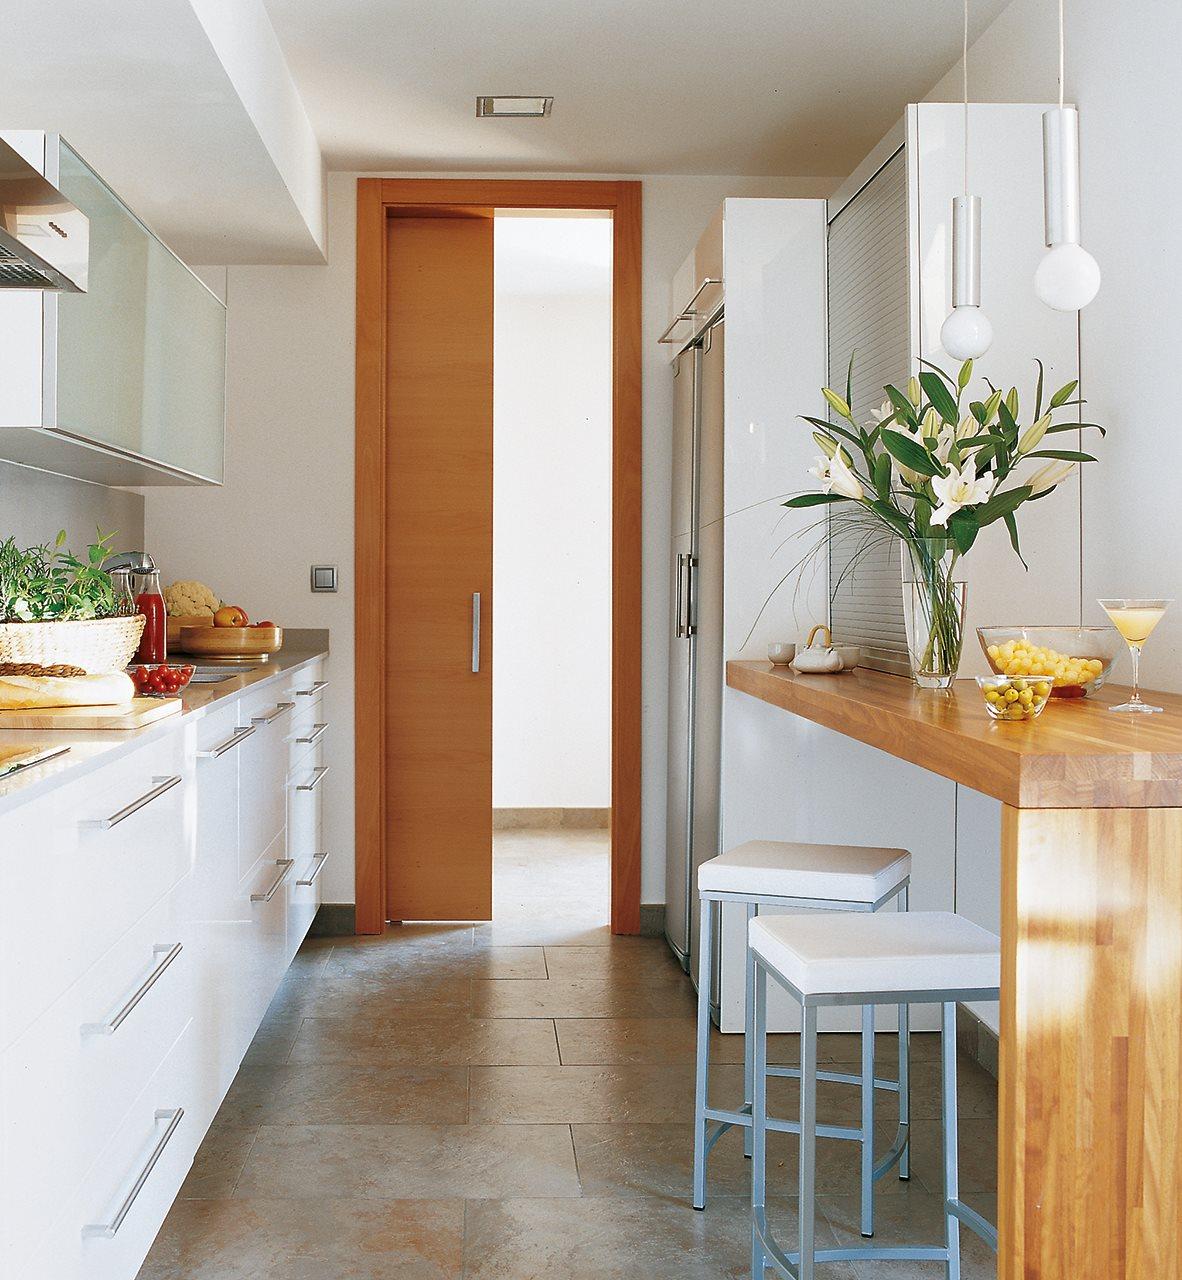 Genial mesa esquinera cocina im genes mas de 25 ideas - Mesa esquinera cocina ...